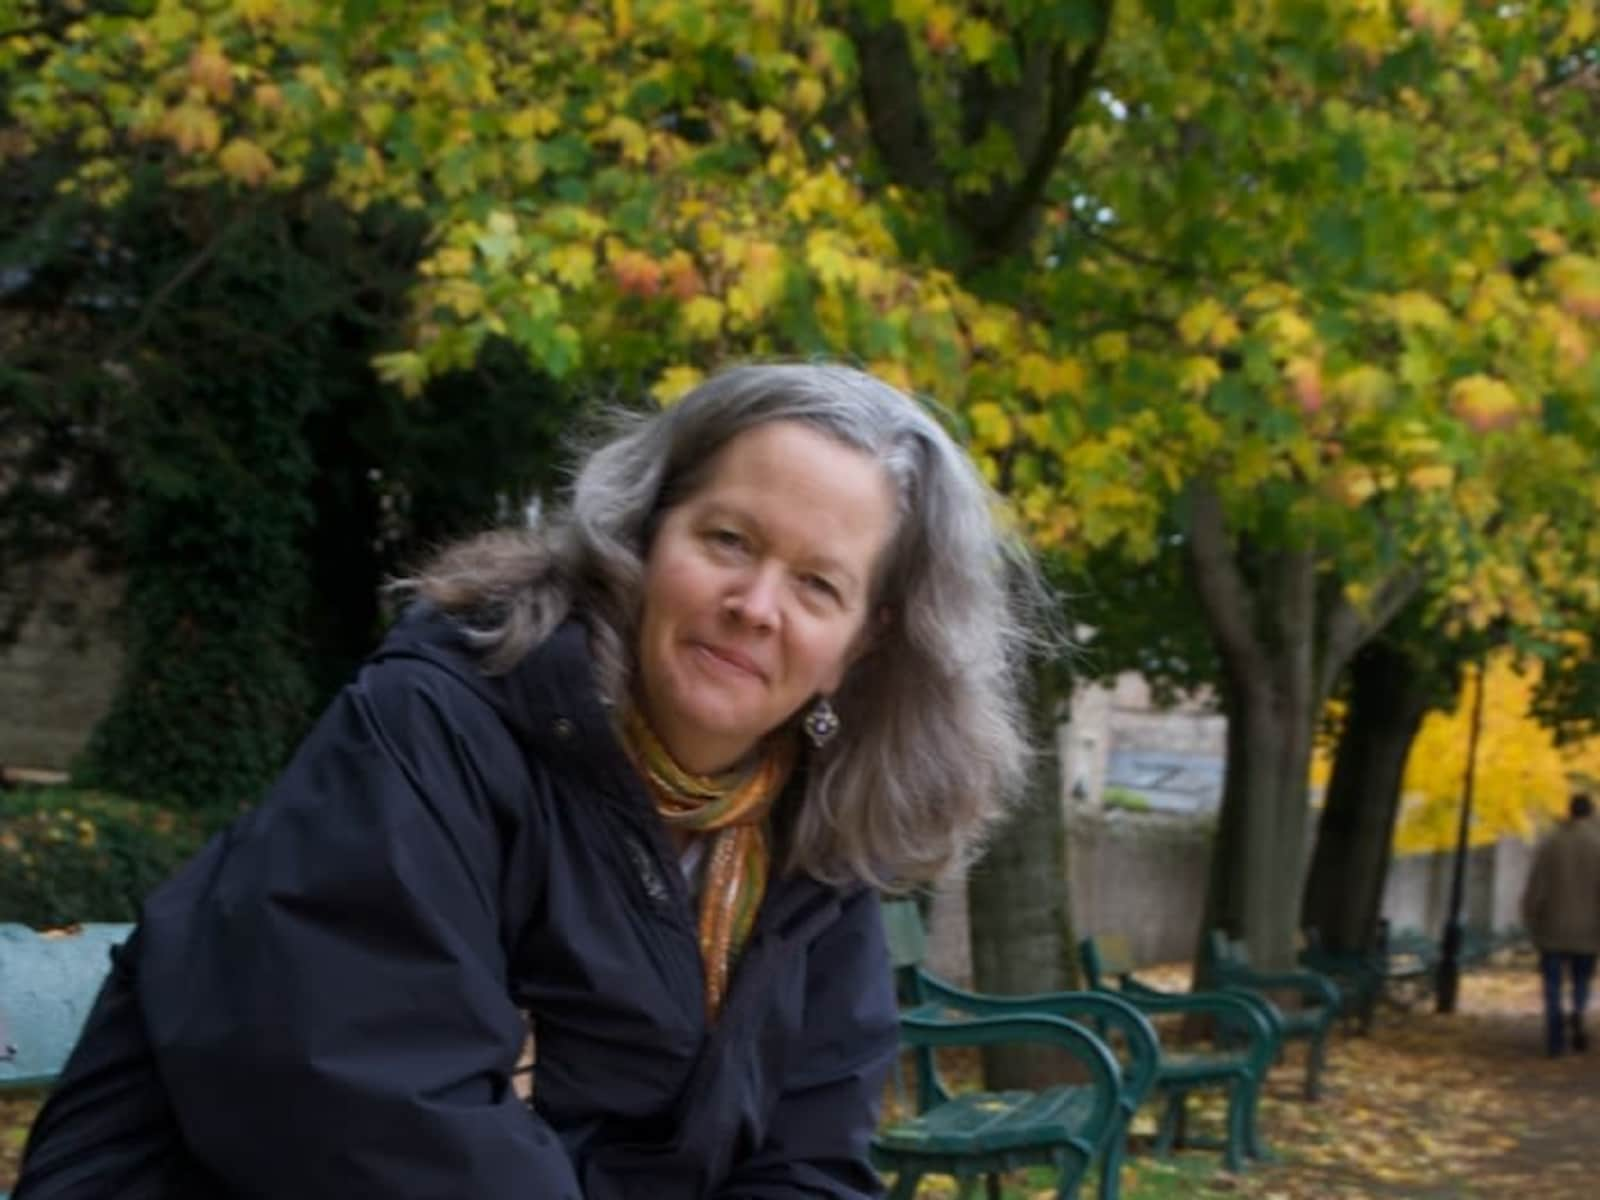 Julia anne from Boston, Massachusetts, United States